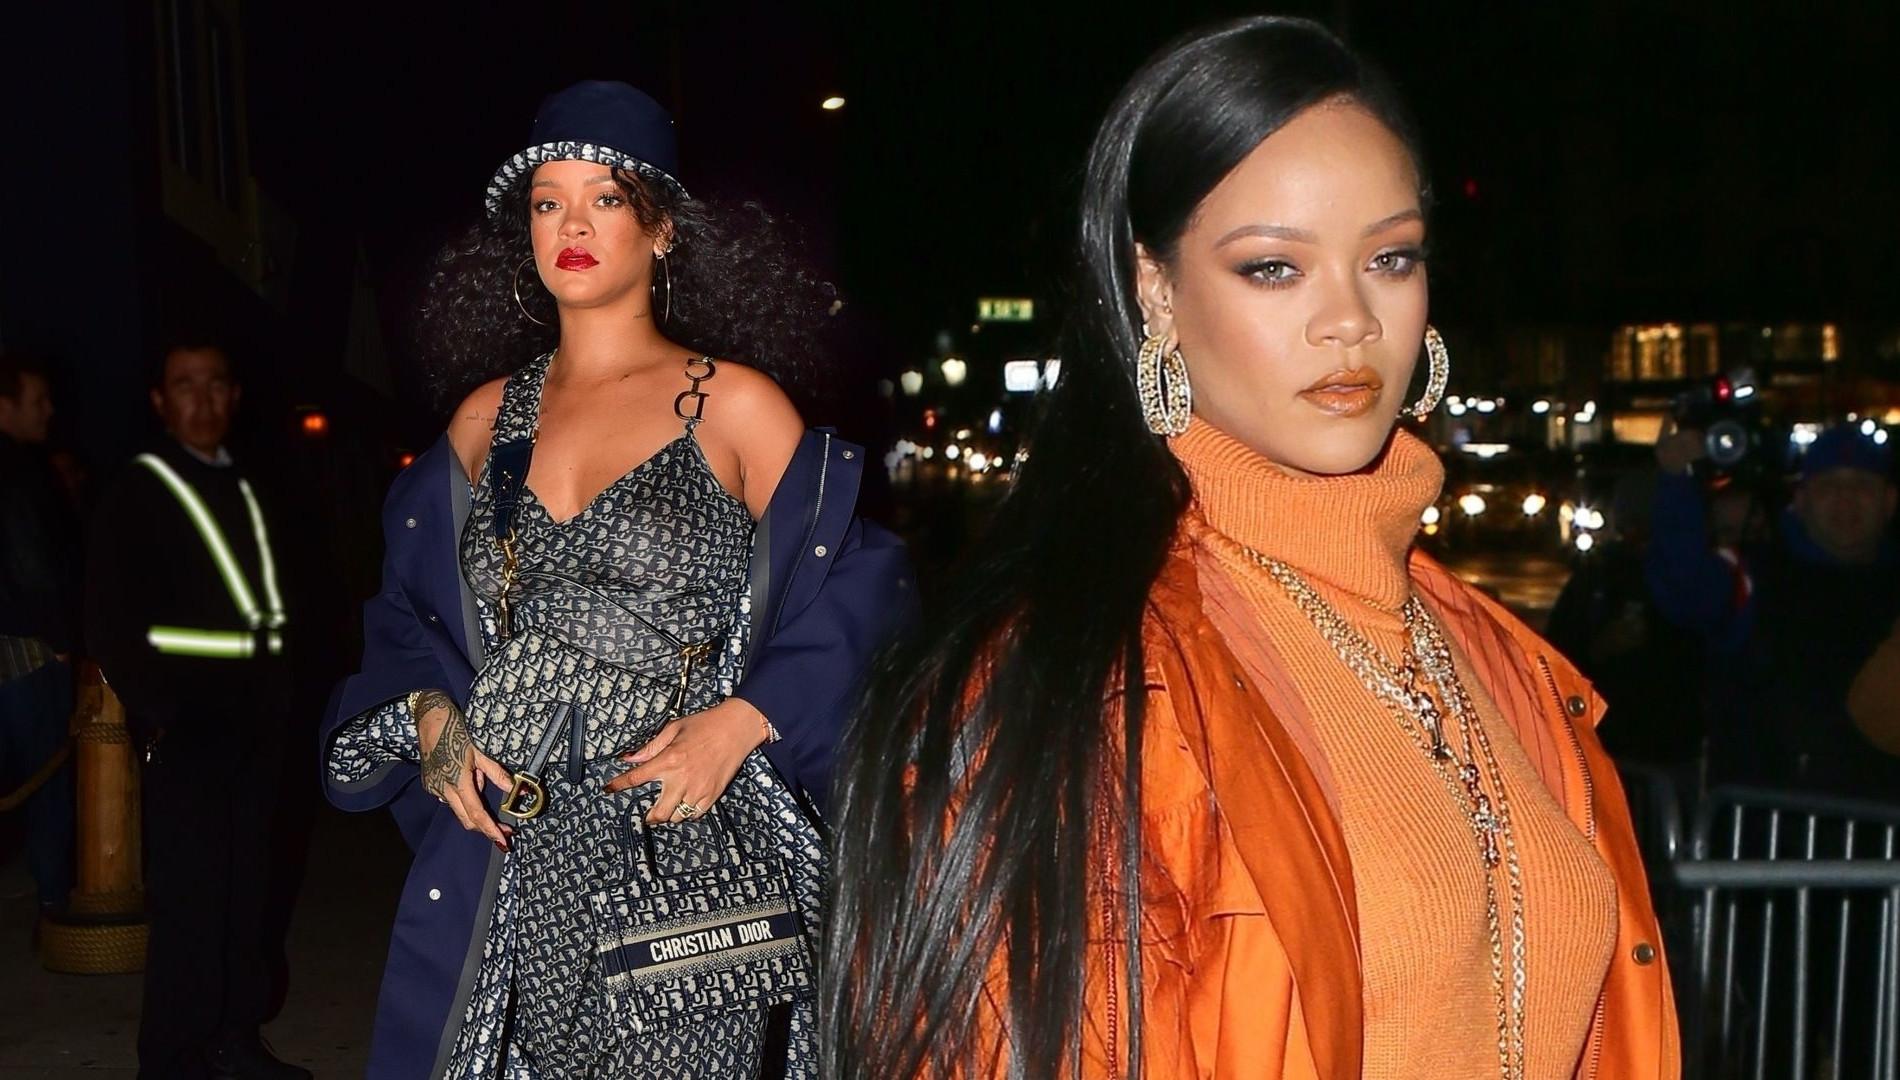 Rihanna z PODBITYM okiem w LA! Gwiazda miała wypadek